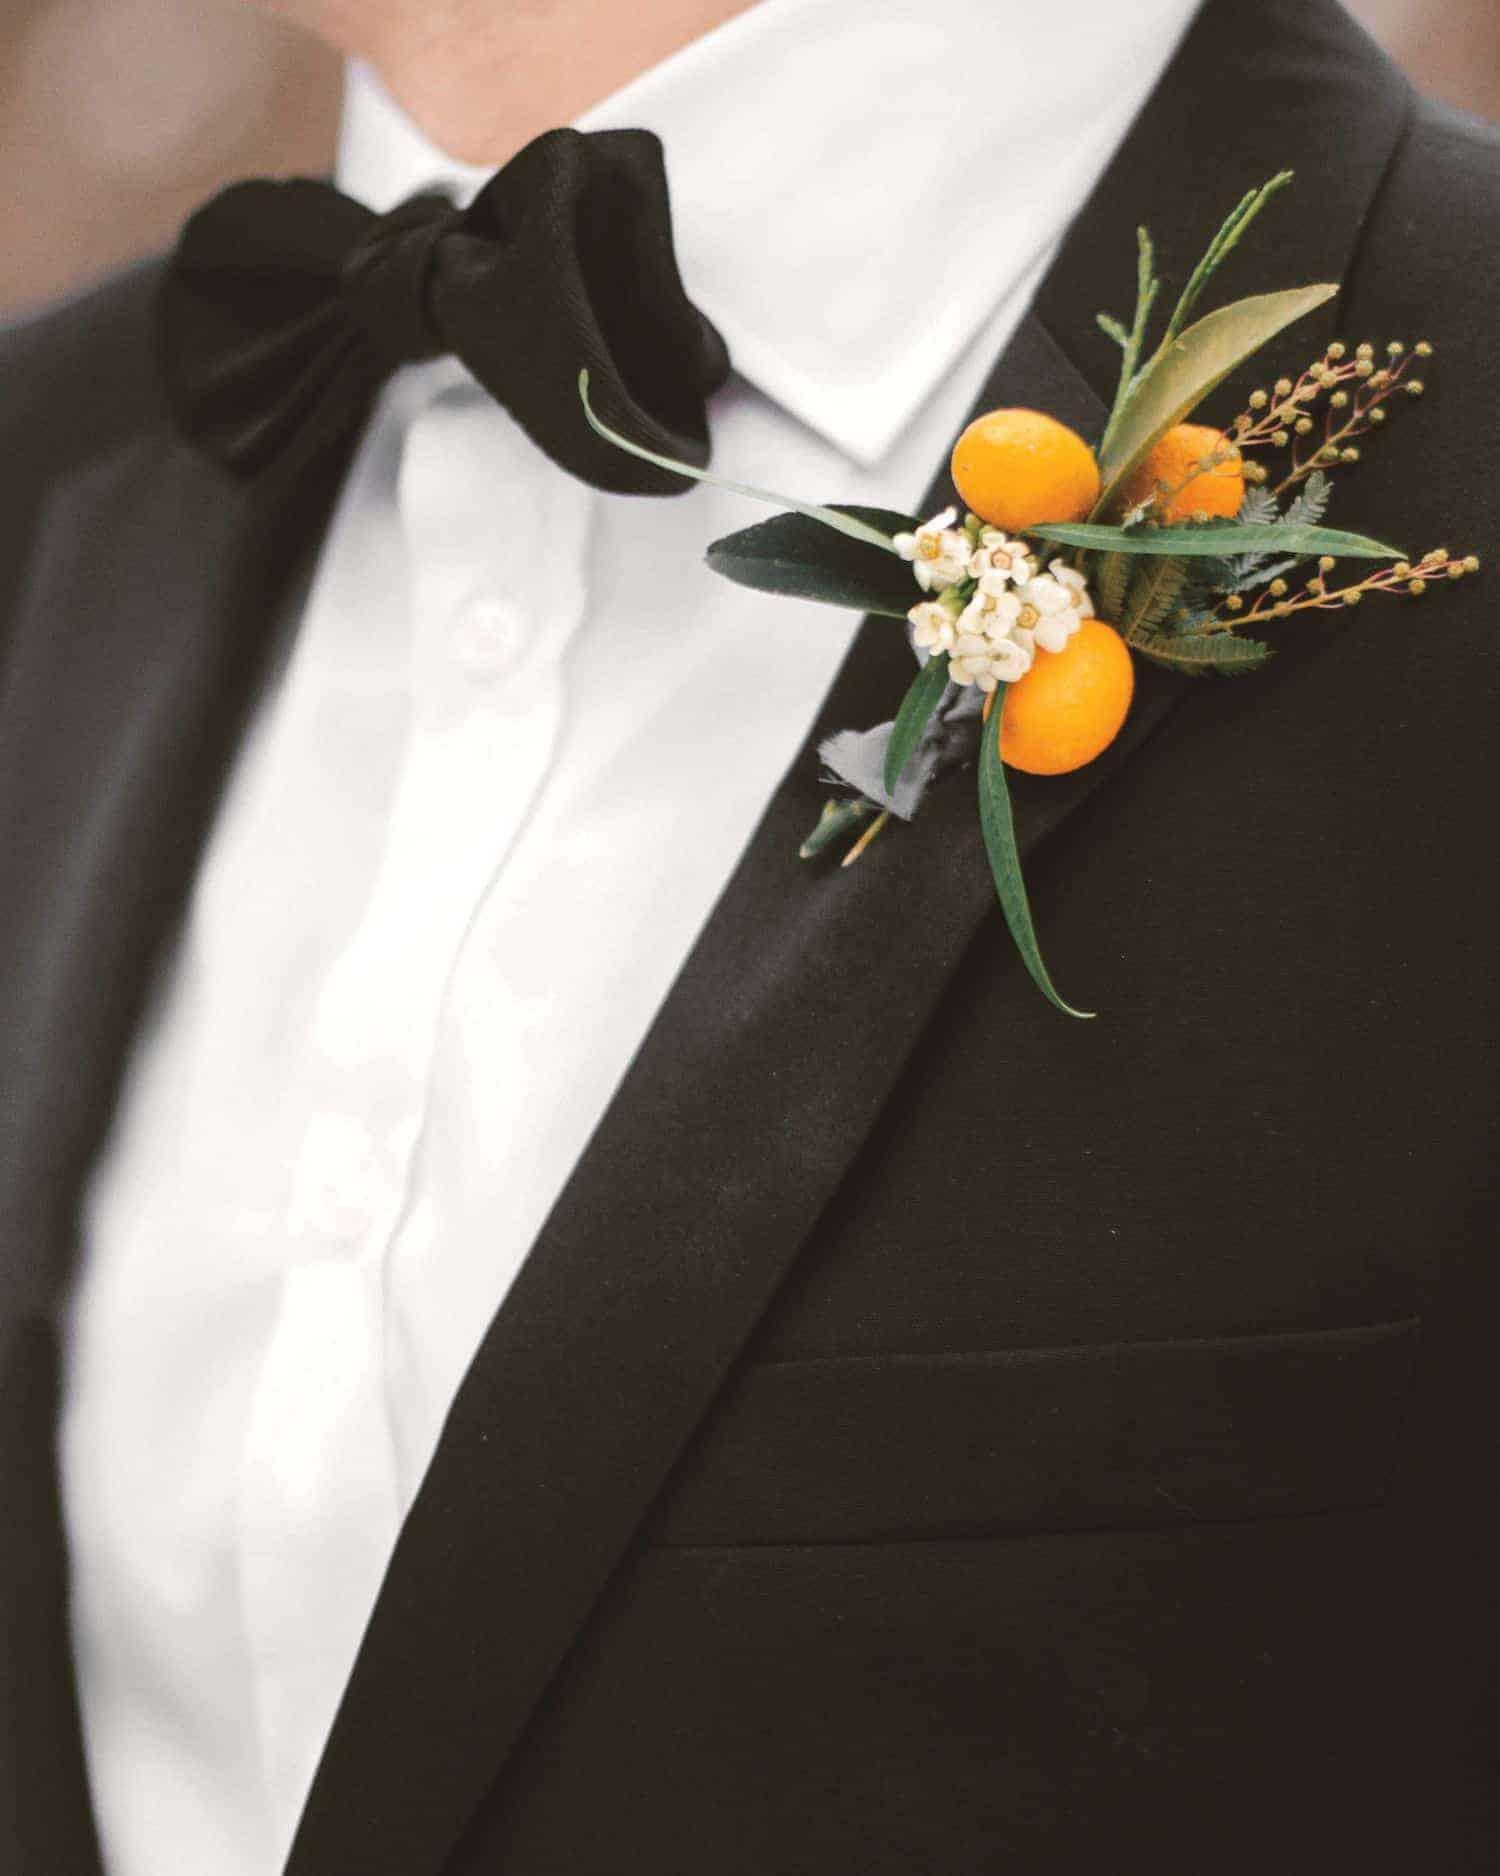 γαμπριάτικη μπουτονιέρα με φρούτα και λουλούδια